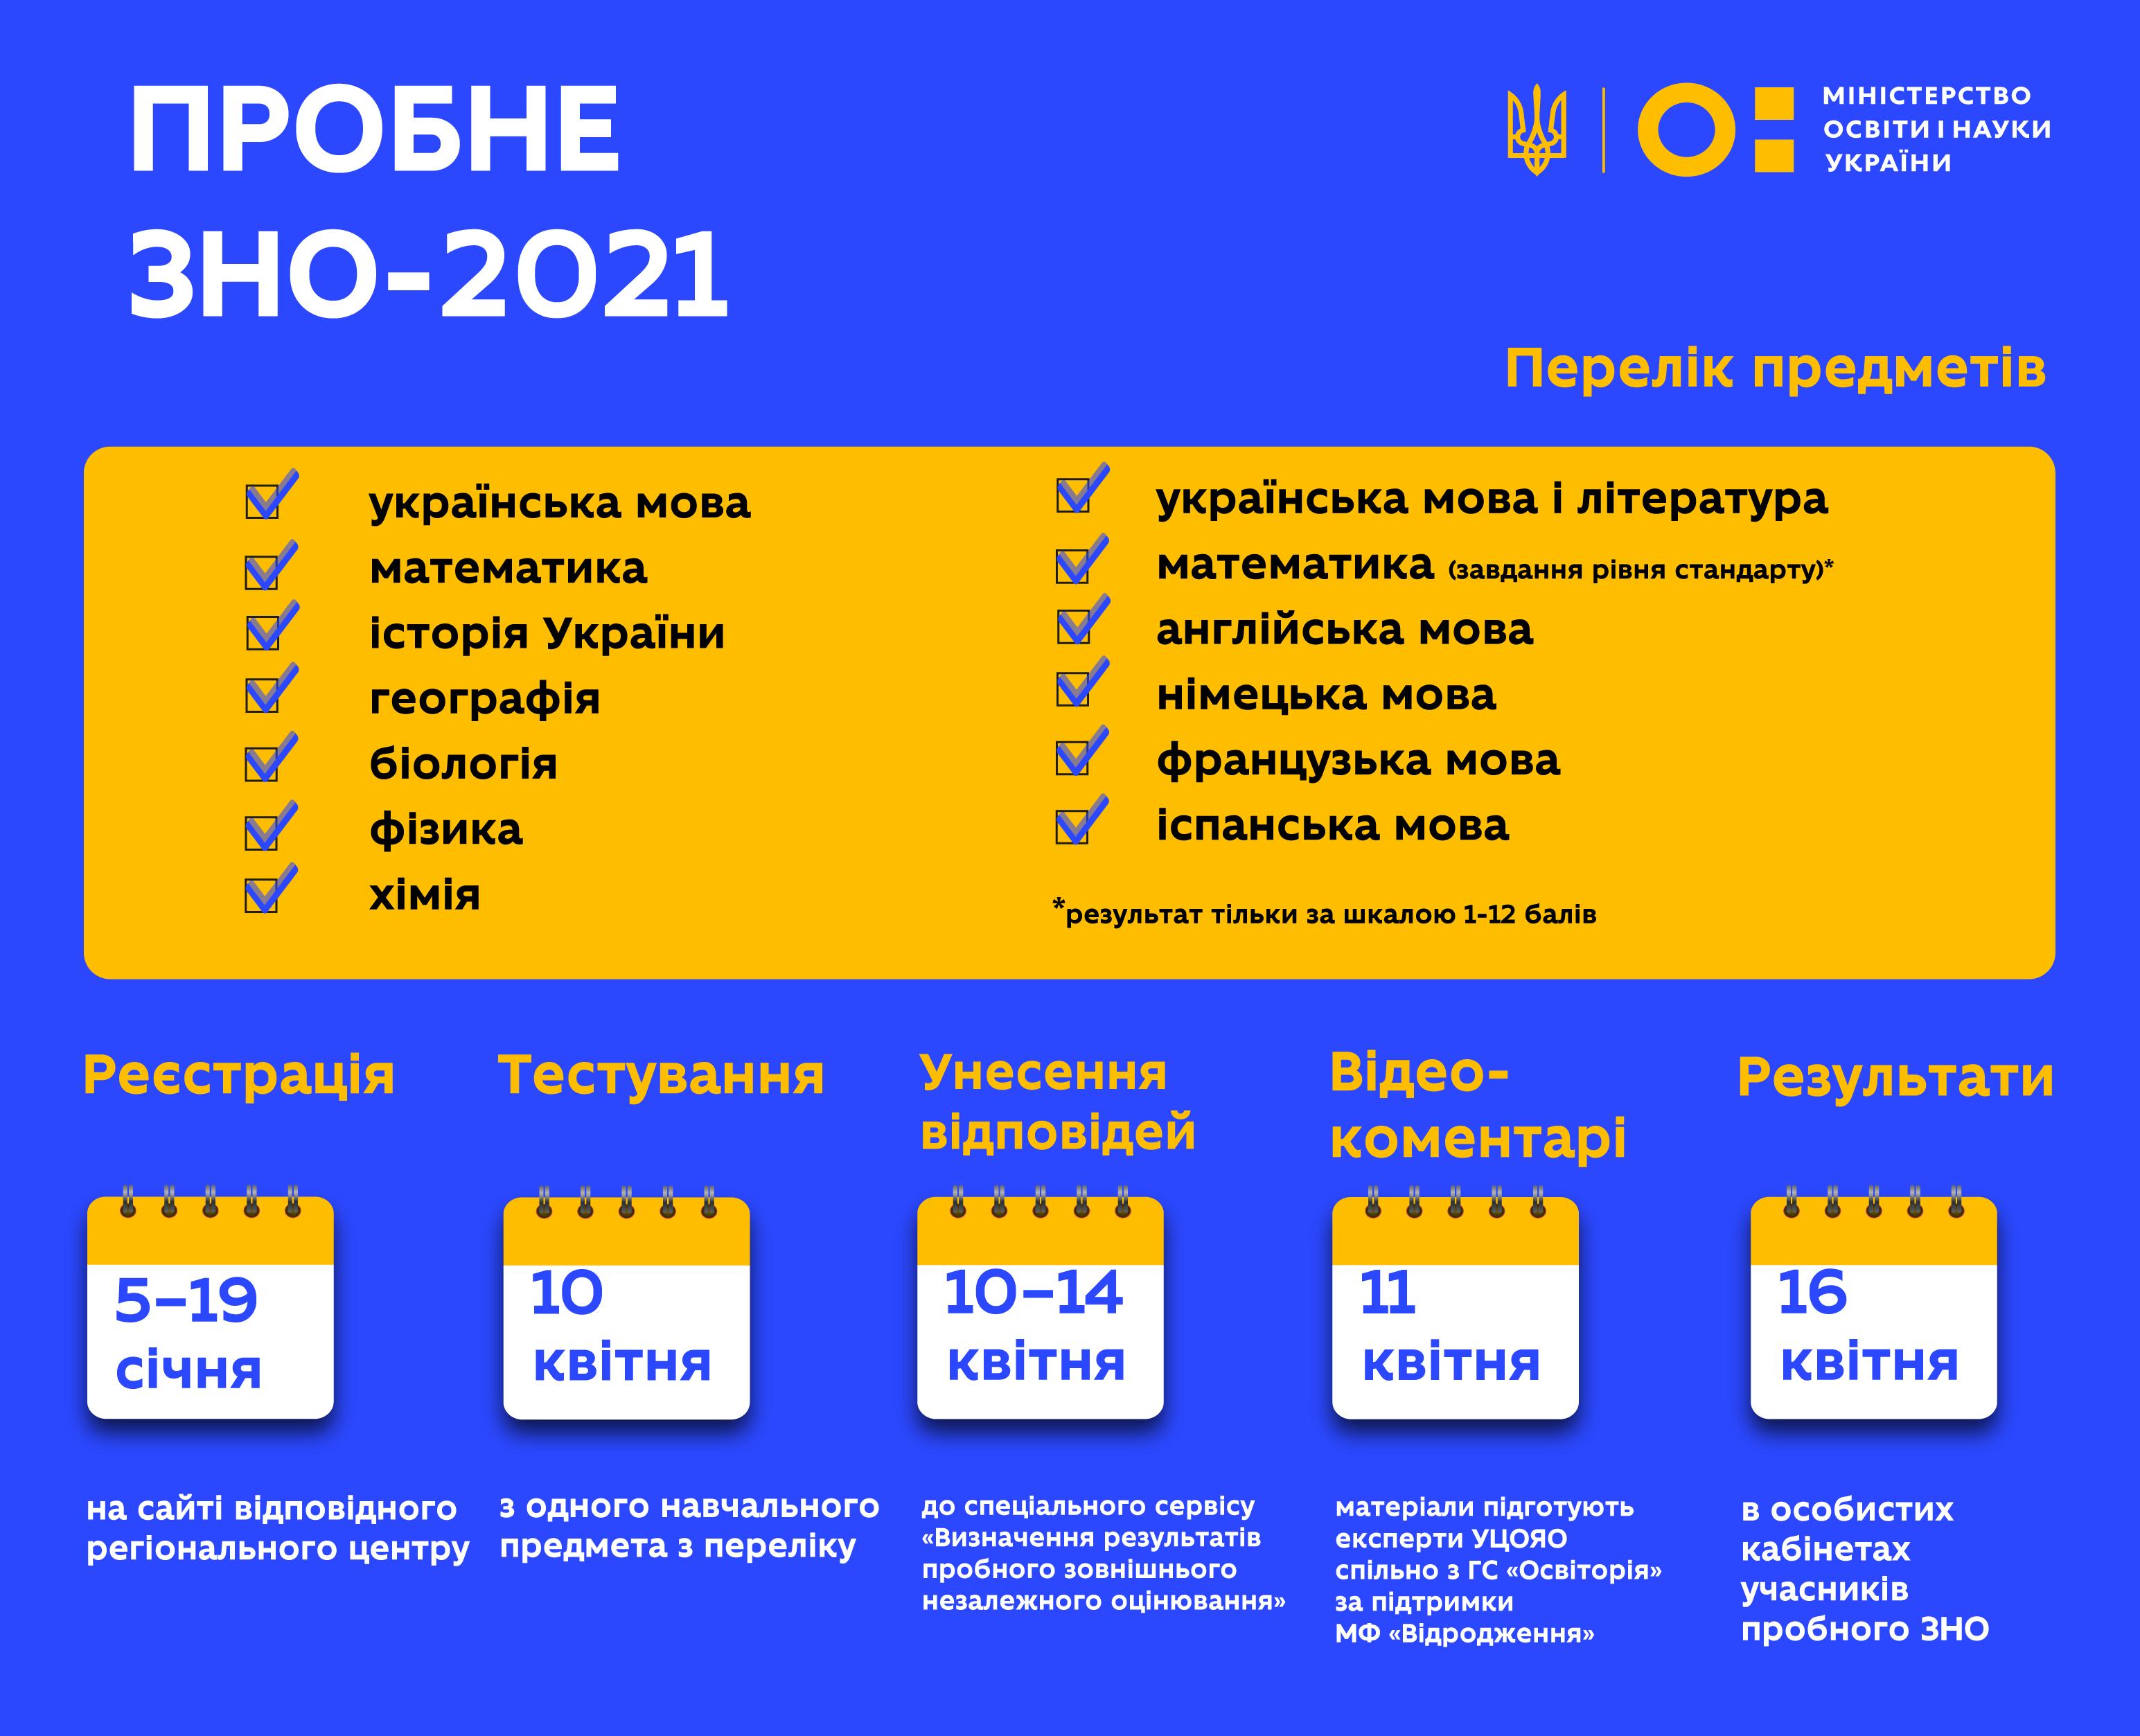 Пробне ЗНО-2021: за тиждень зареєструвалося понад 13 тисяч осіб    Міністерство освіти і науки України